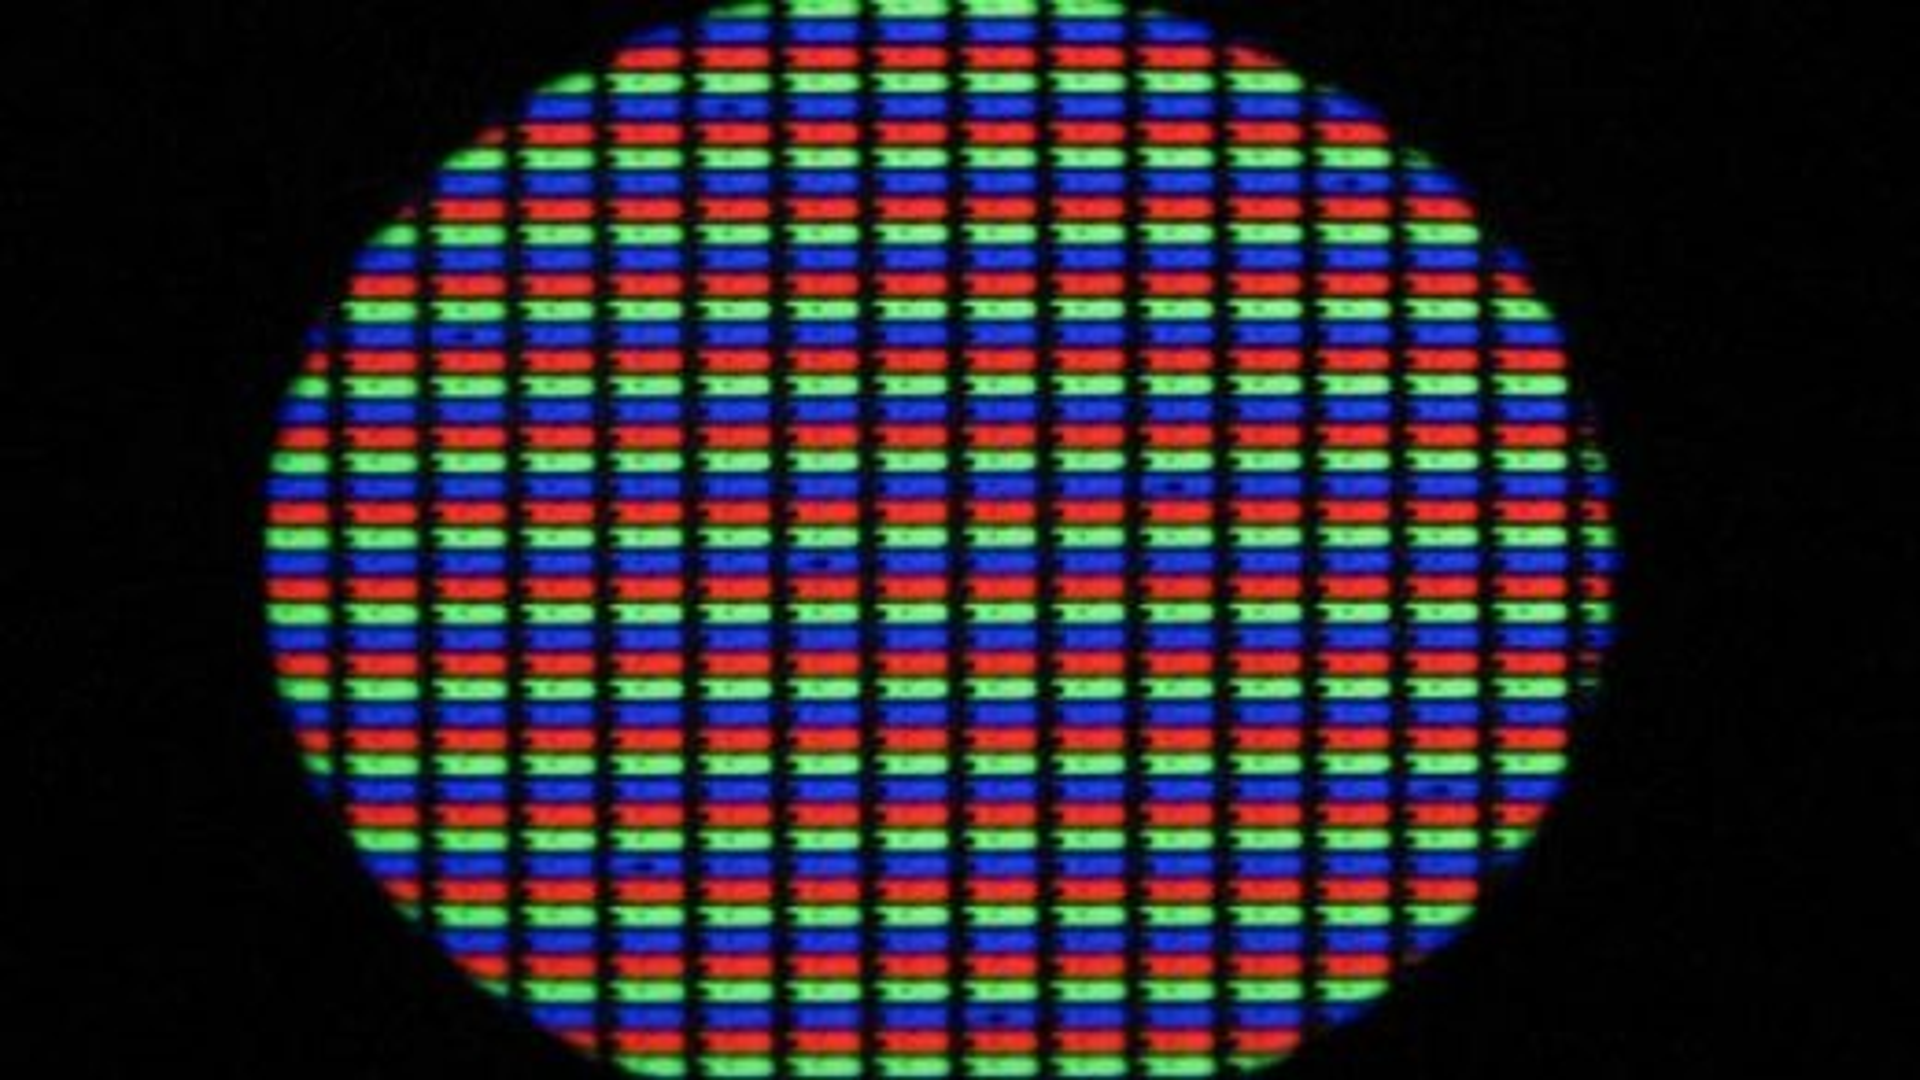 تصویر میکروسکوپی | تگ